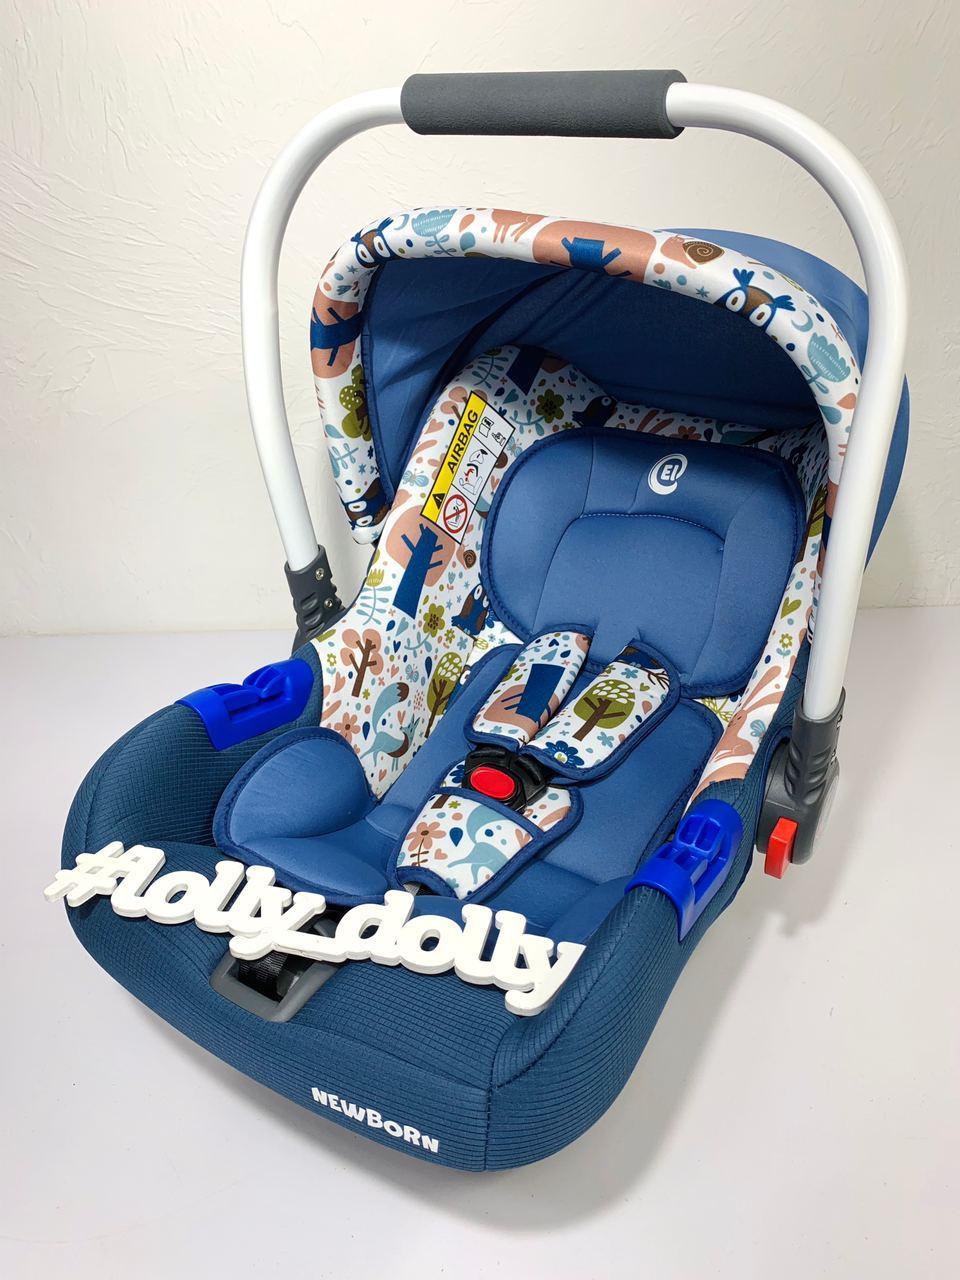 Автокрісло бебикокон ME 1009-1 Newborn від 0 до 13 кг, Блакитний